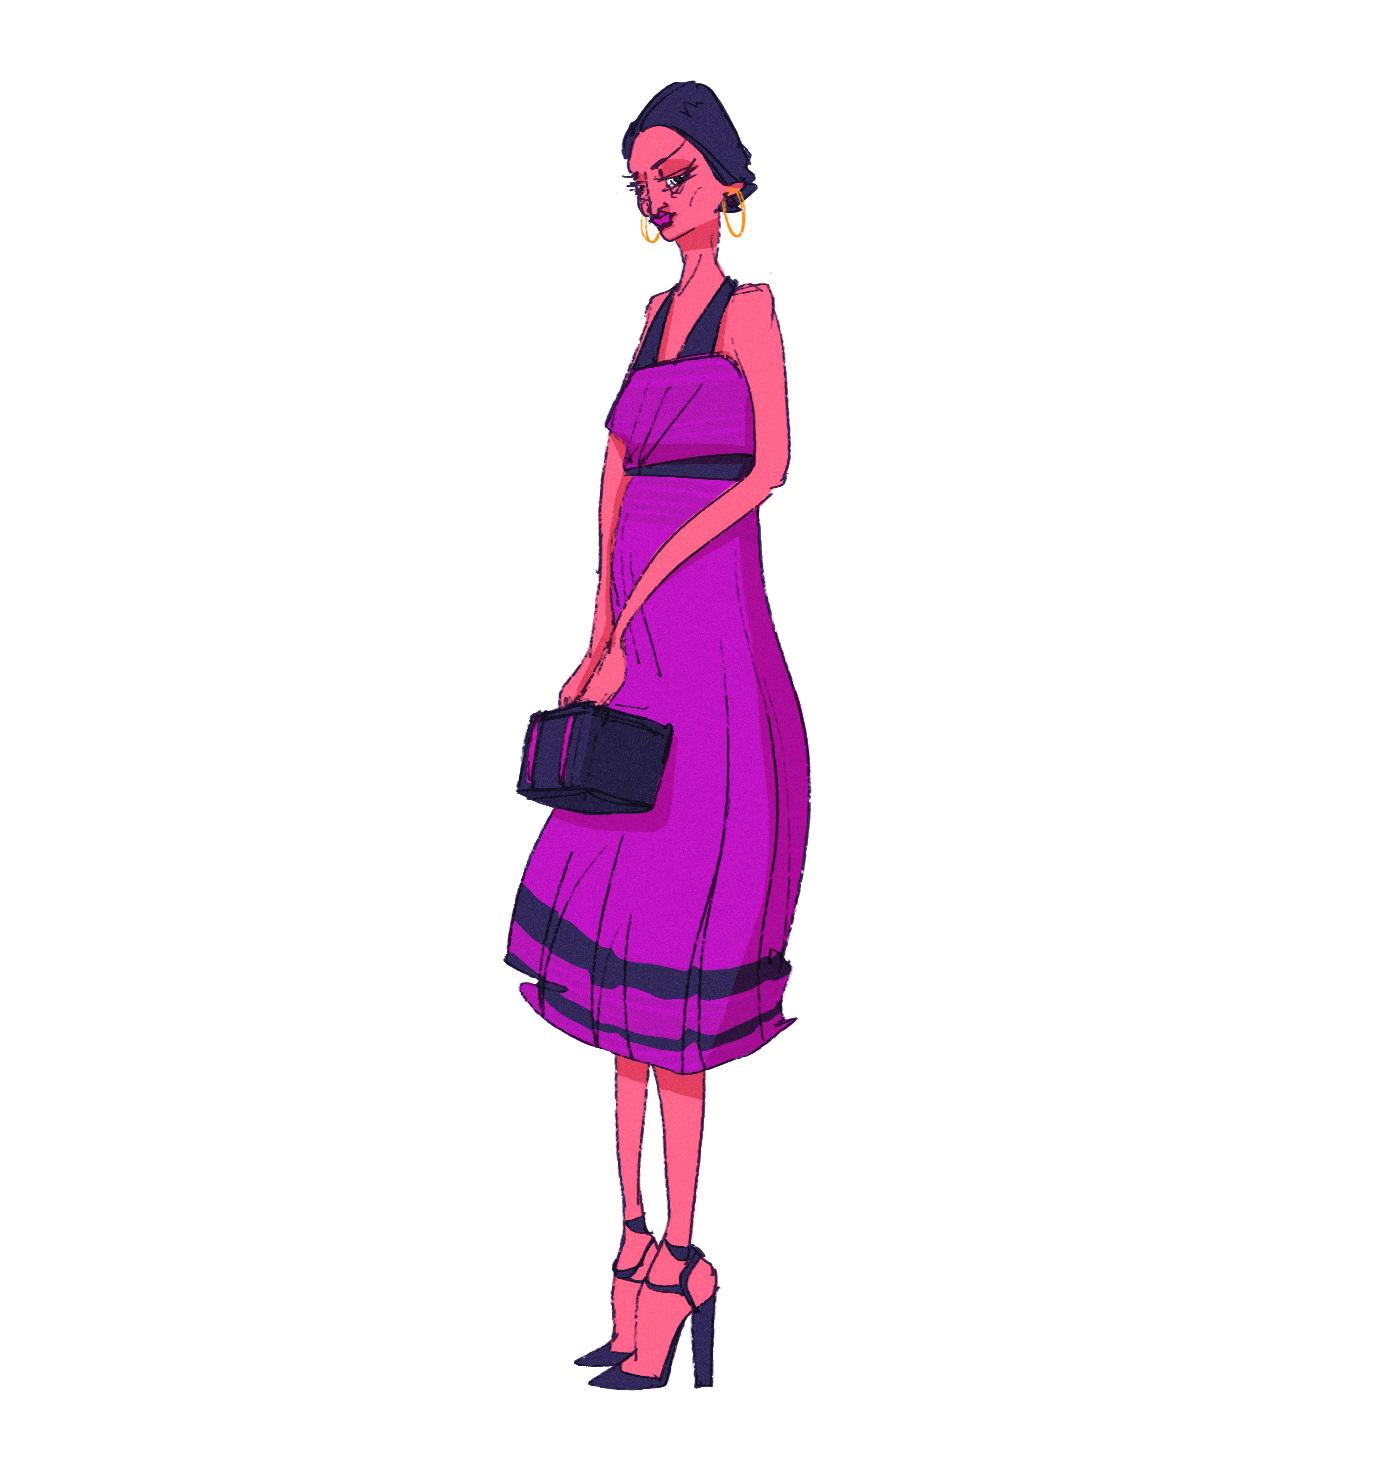 st fashion6.jpg